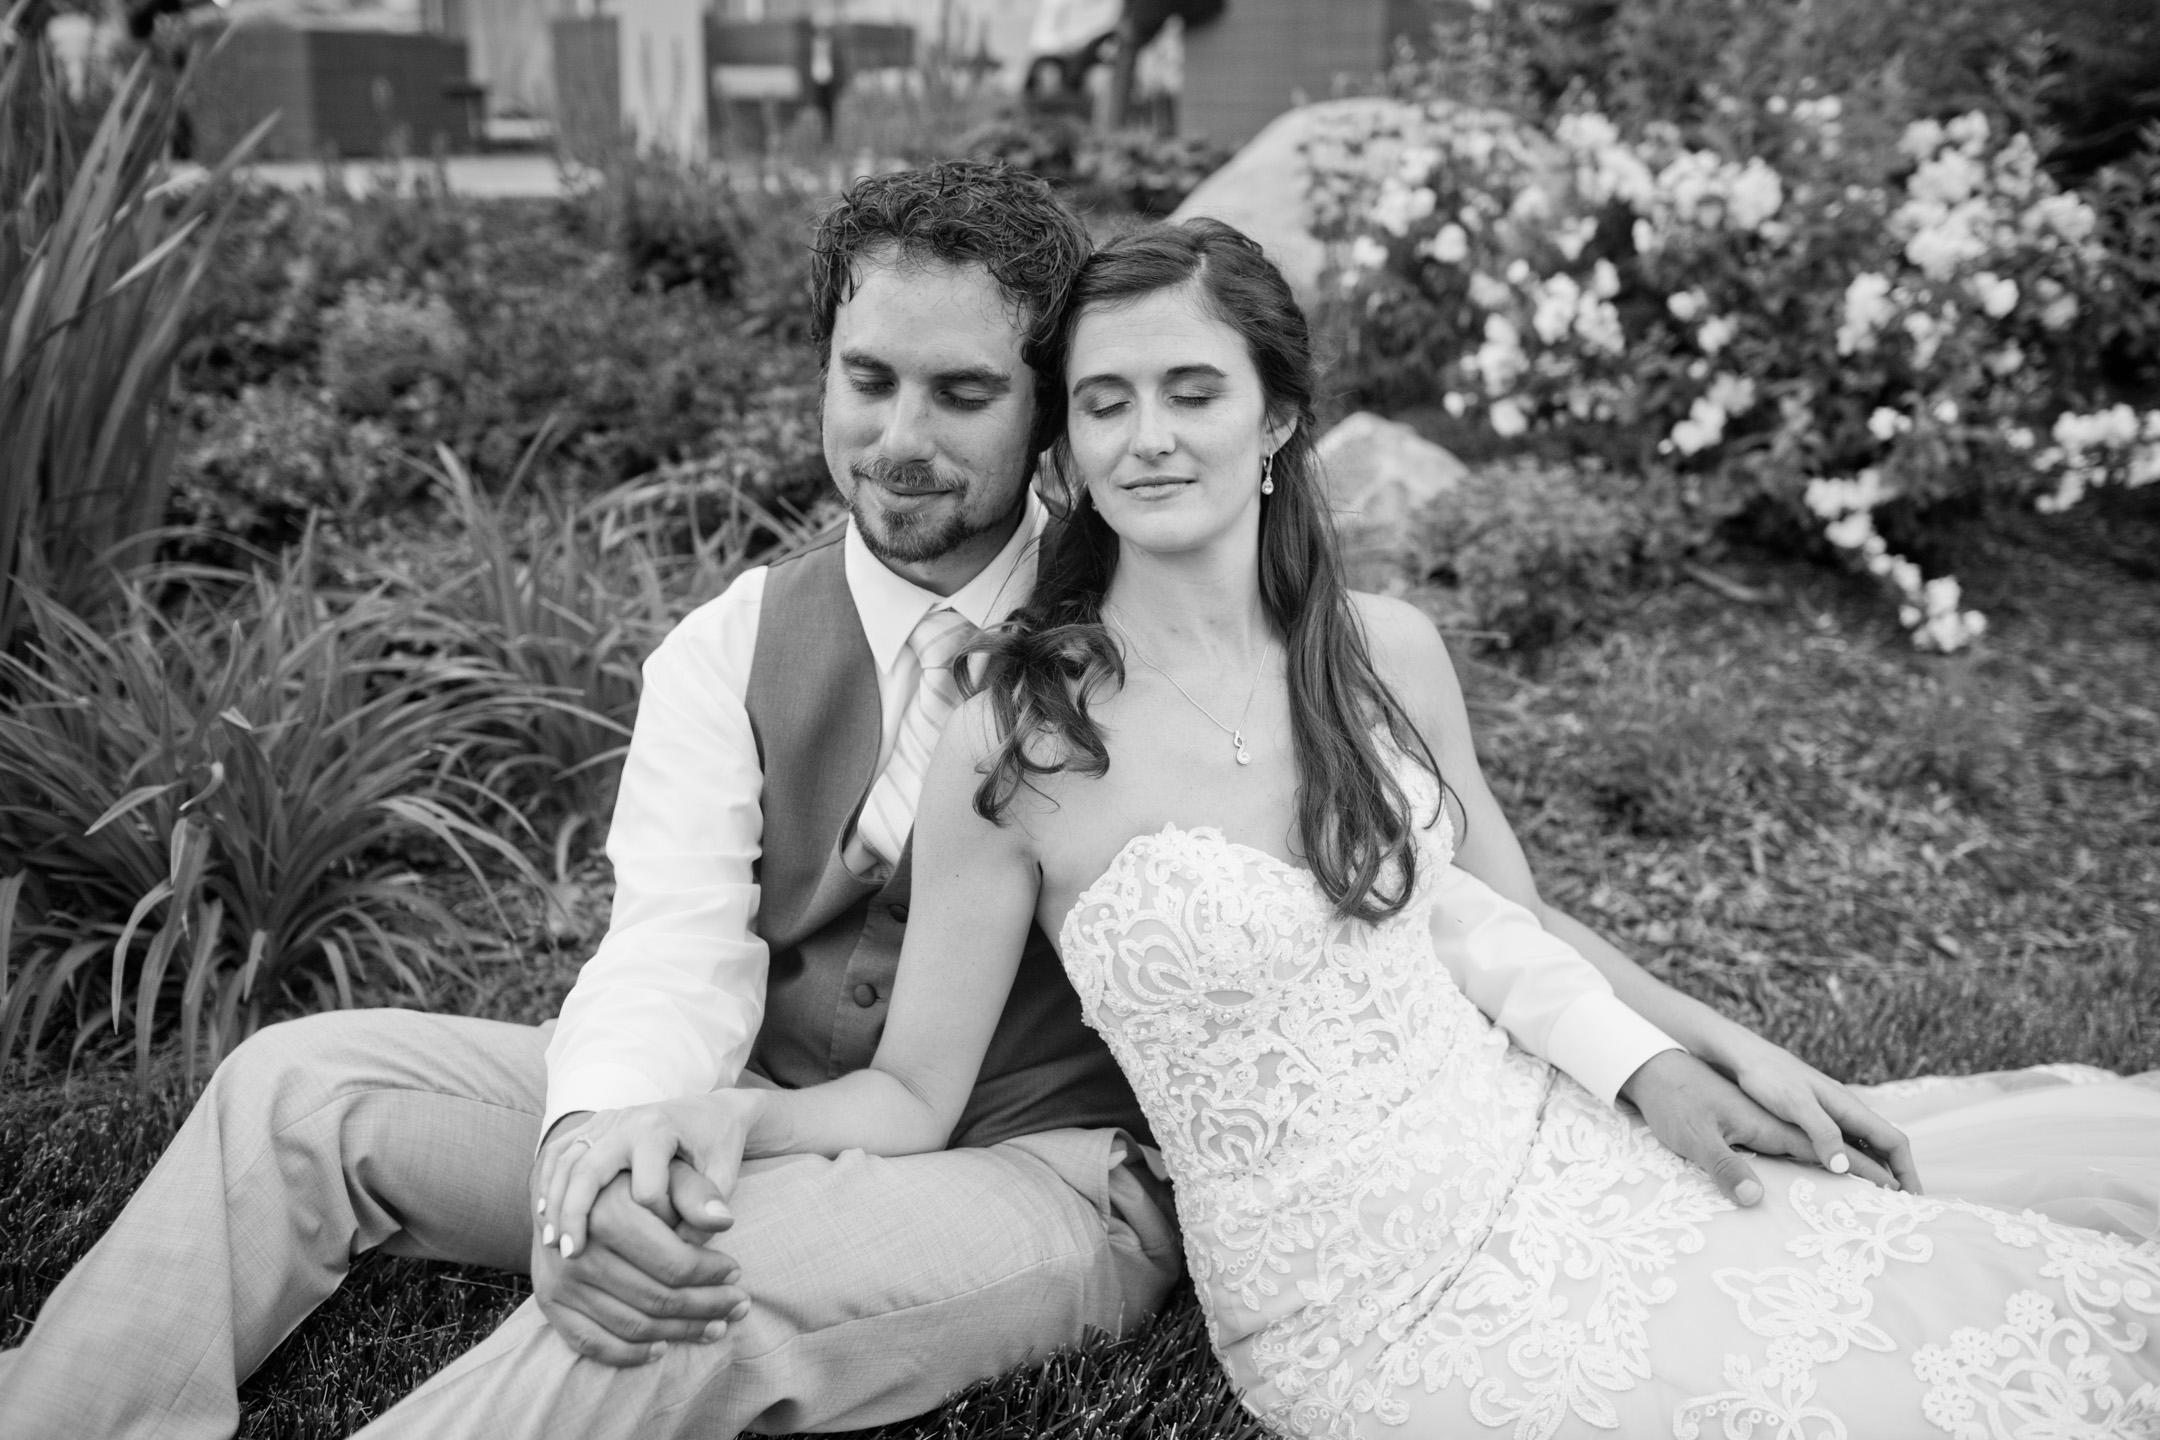 sunset_couples_portraits_iowa_des_moines_wedding_photographers_006